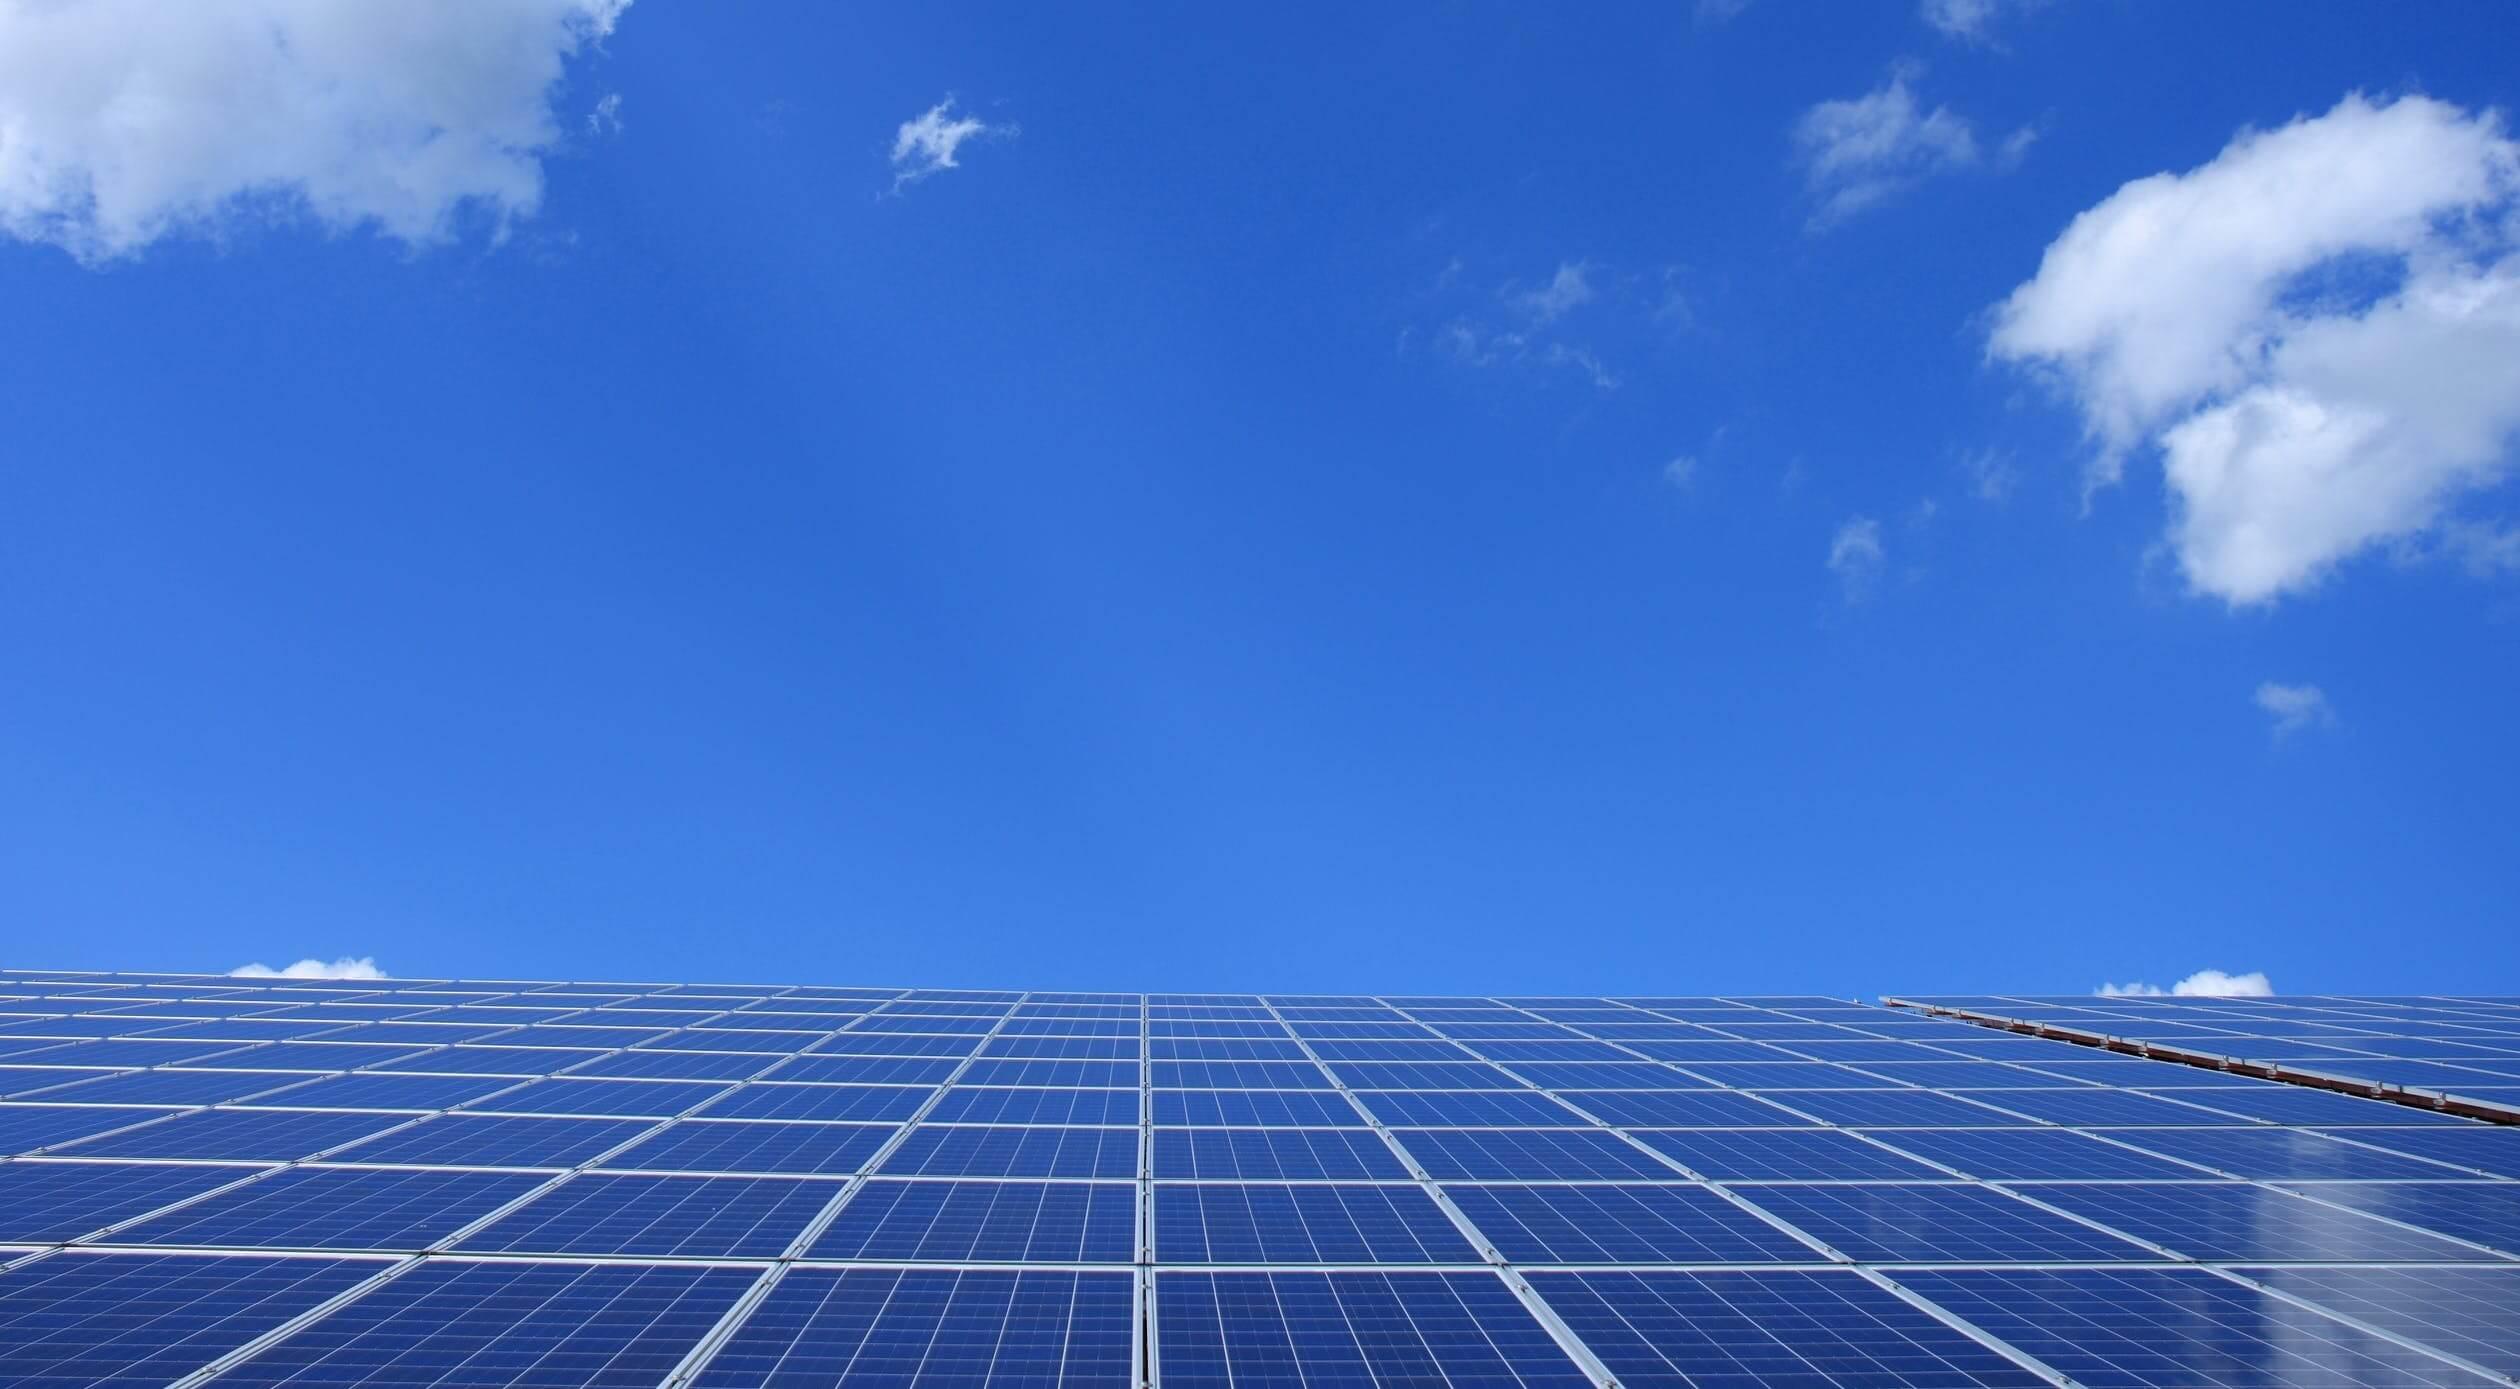 Zonnepanelen kopen: waar moet je op letten?